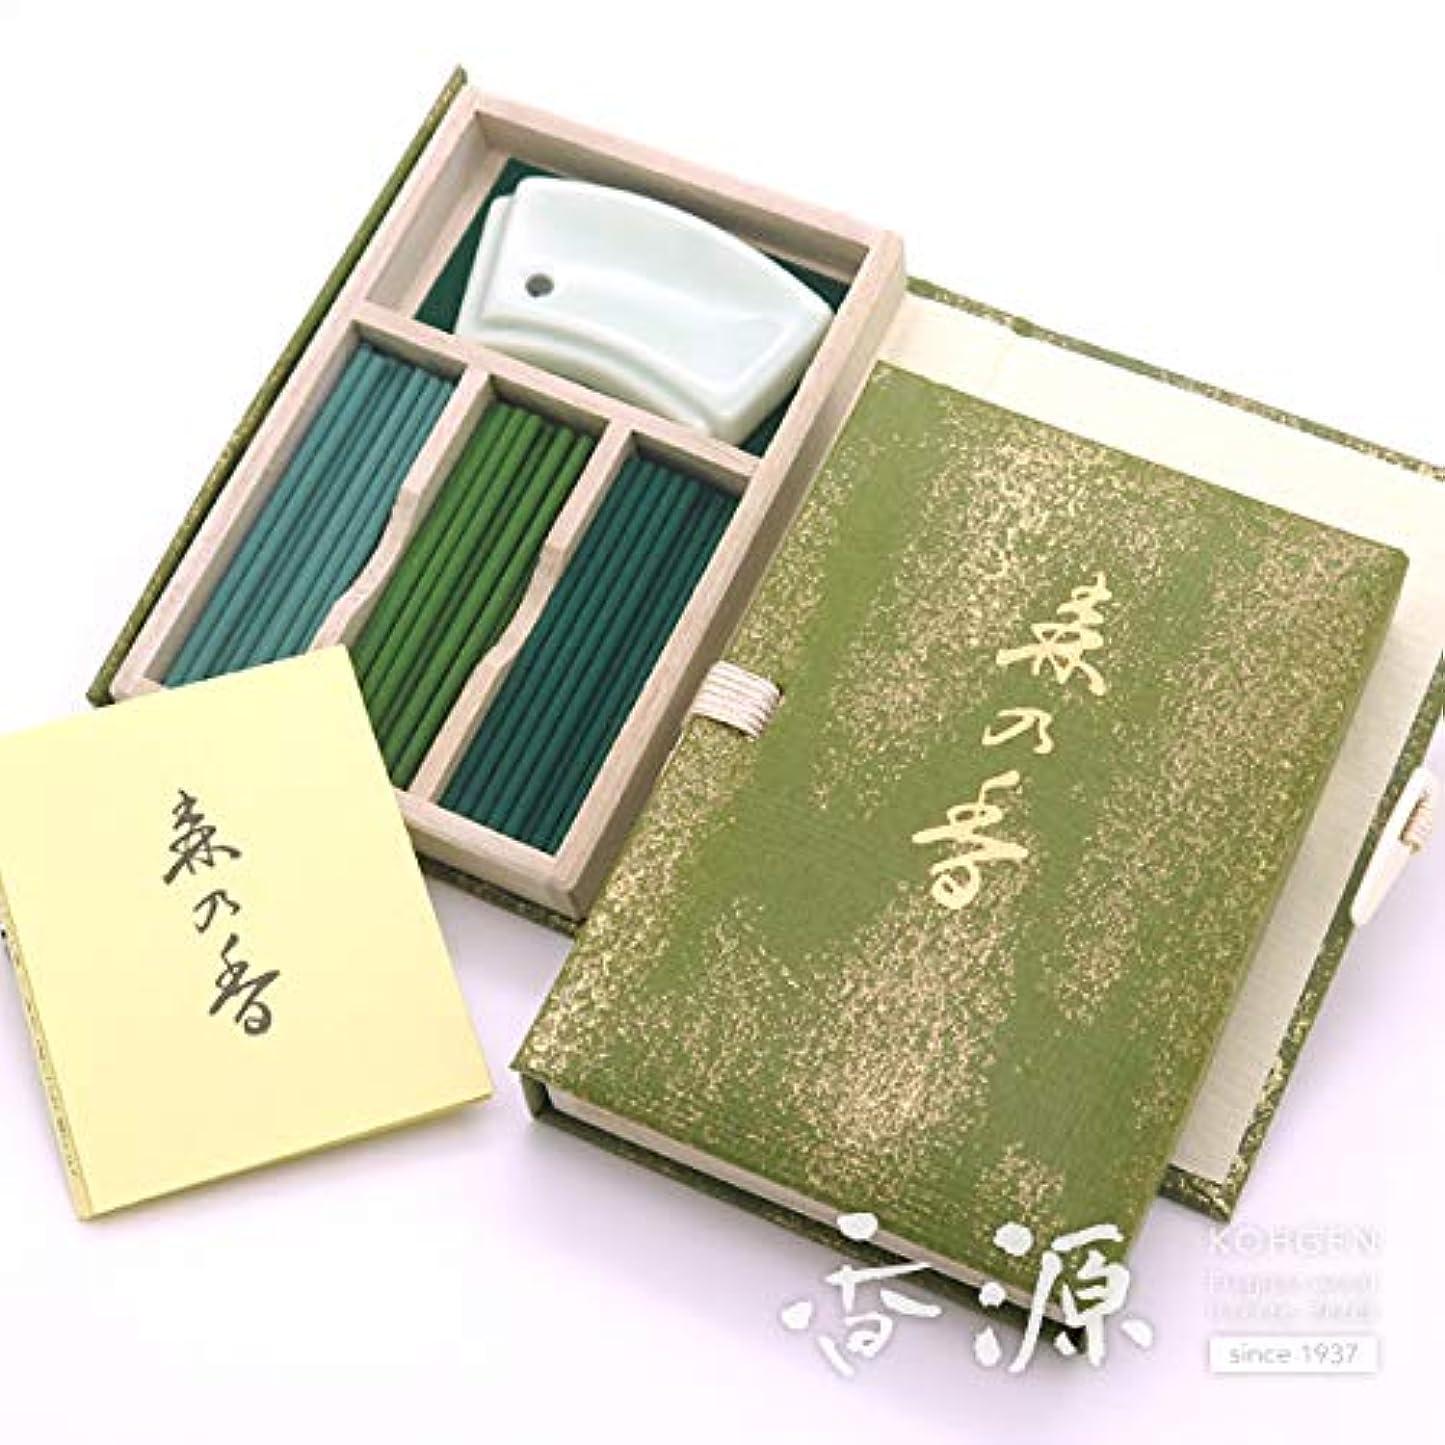 拡散する芸術的エトナ山日本香堂のお香 森の香 スティックミニ寸文庫型 60本入り